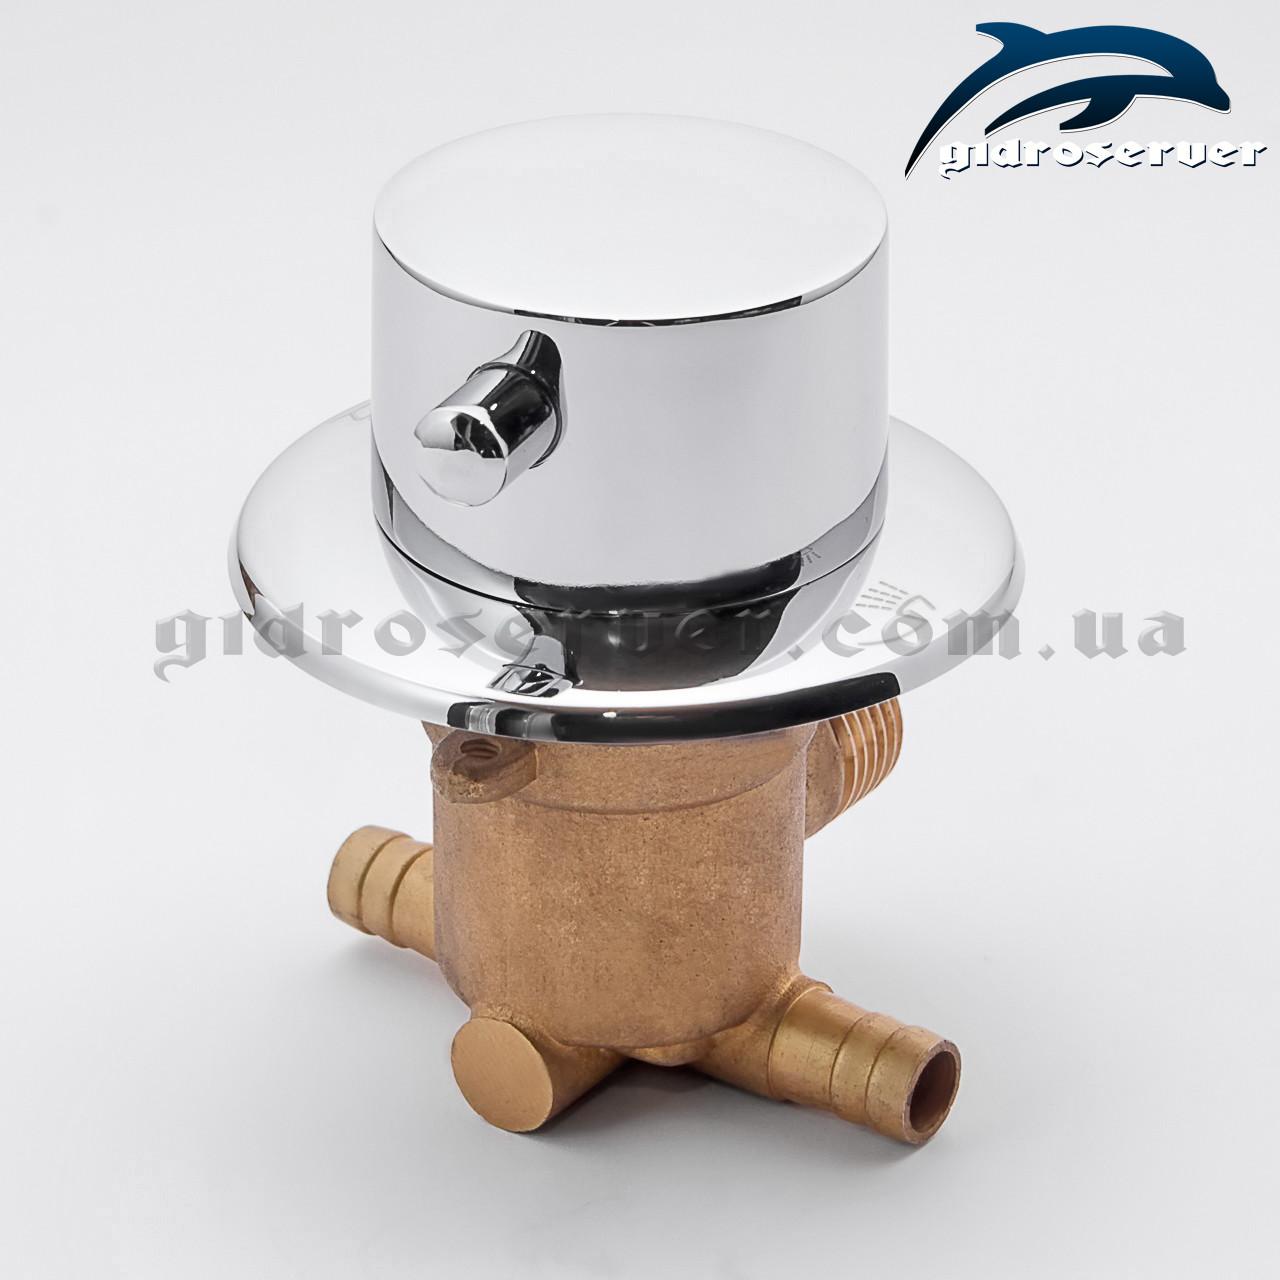 Дивертор для смесителя душевого бокса PS-02.